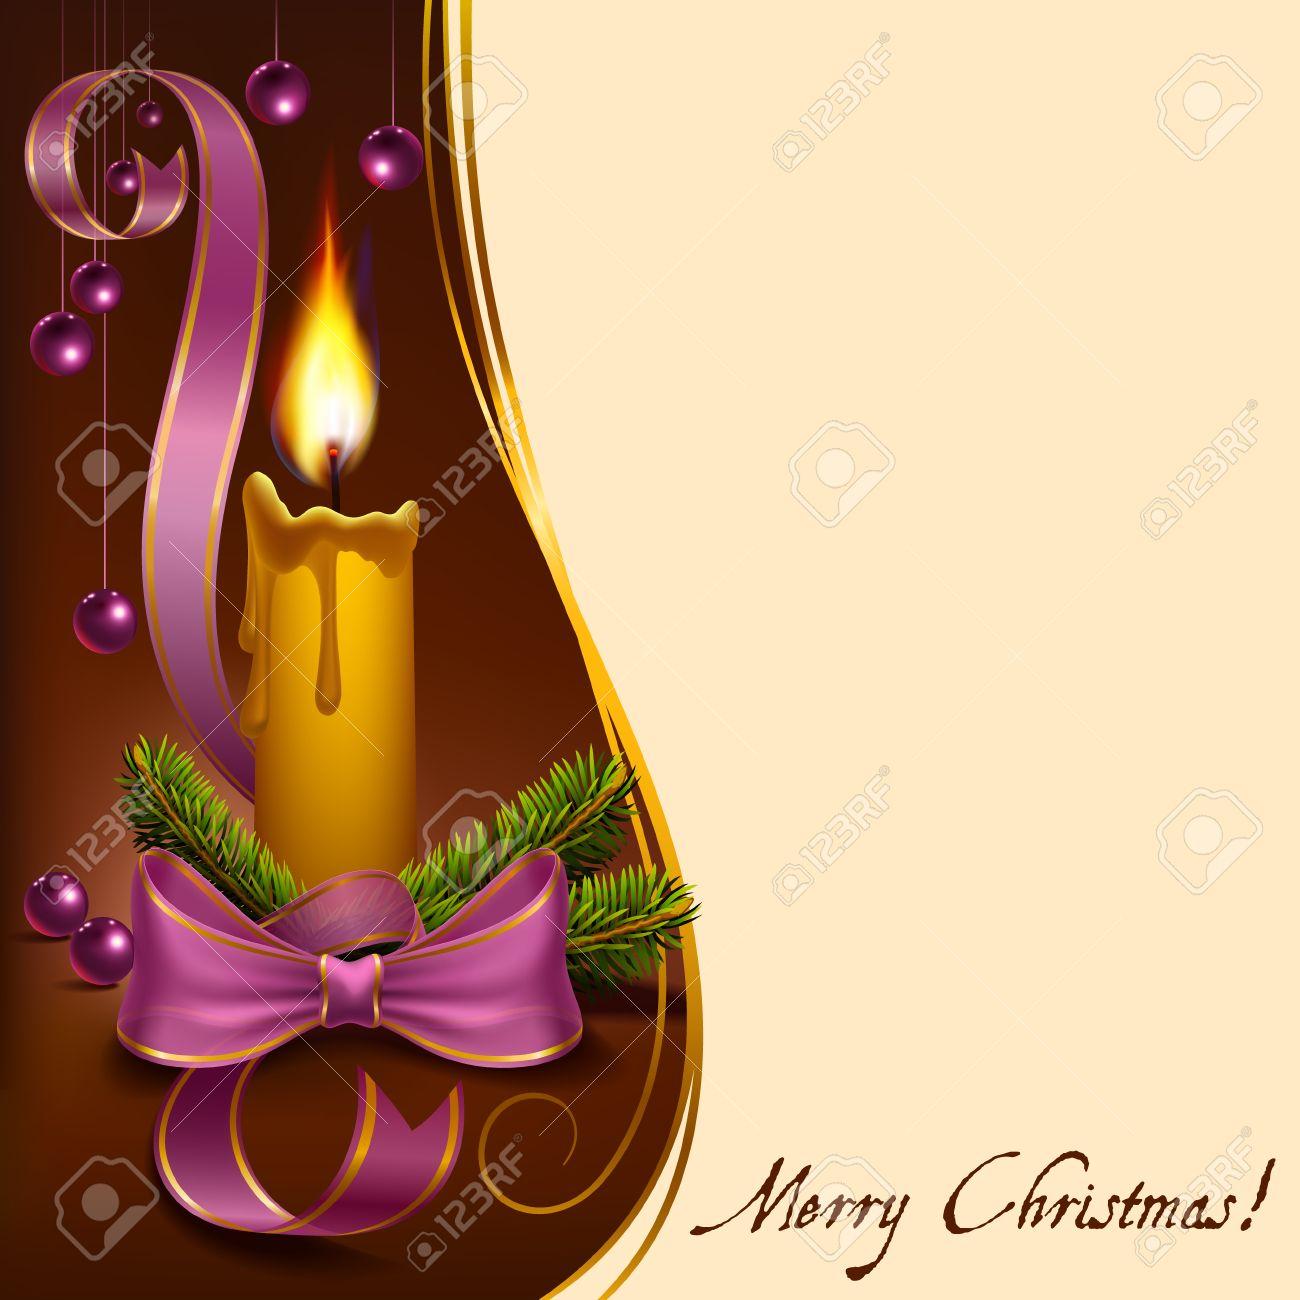 vela de navidad decorado con ramas de abeto cintas y abalorios a formato vectorial foto